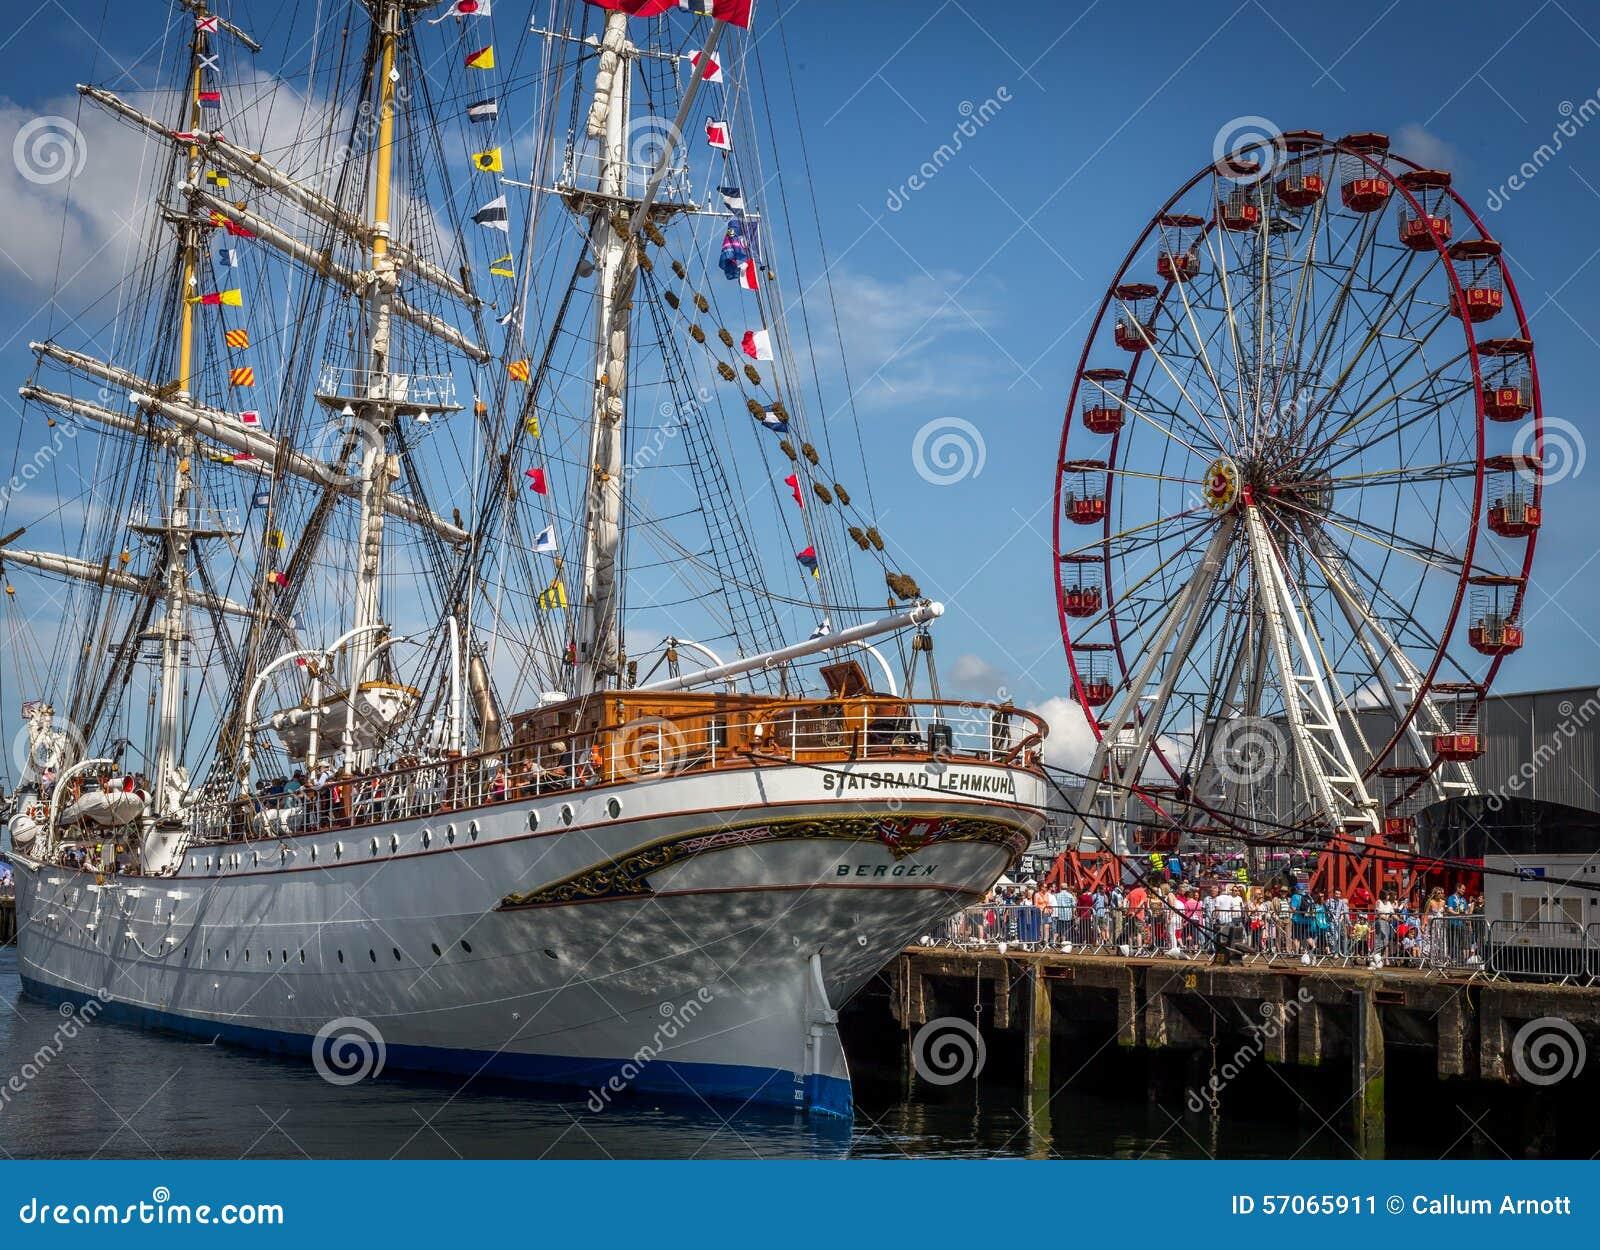 Belfast dokt lang schip en Reuzenrad